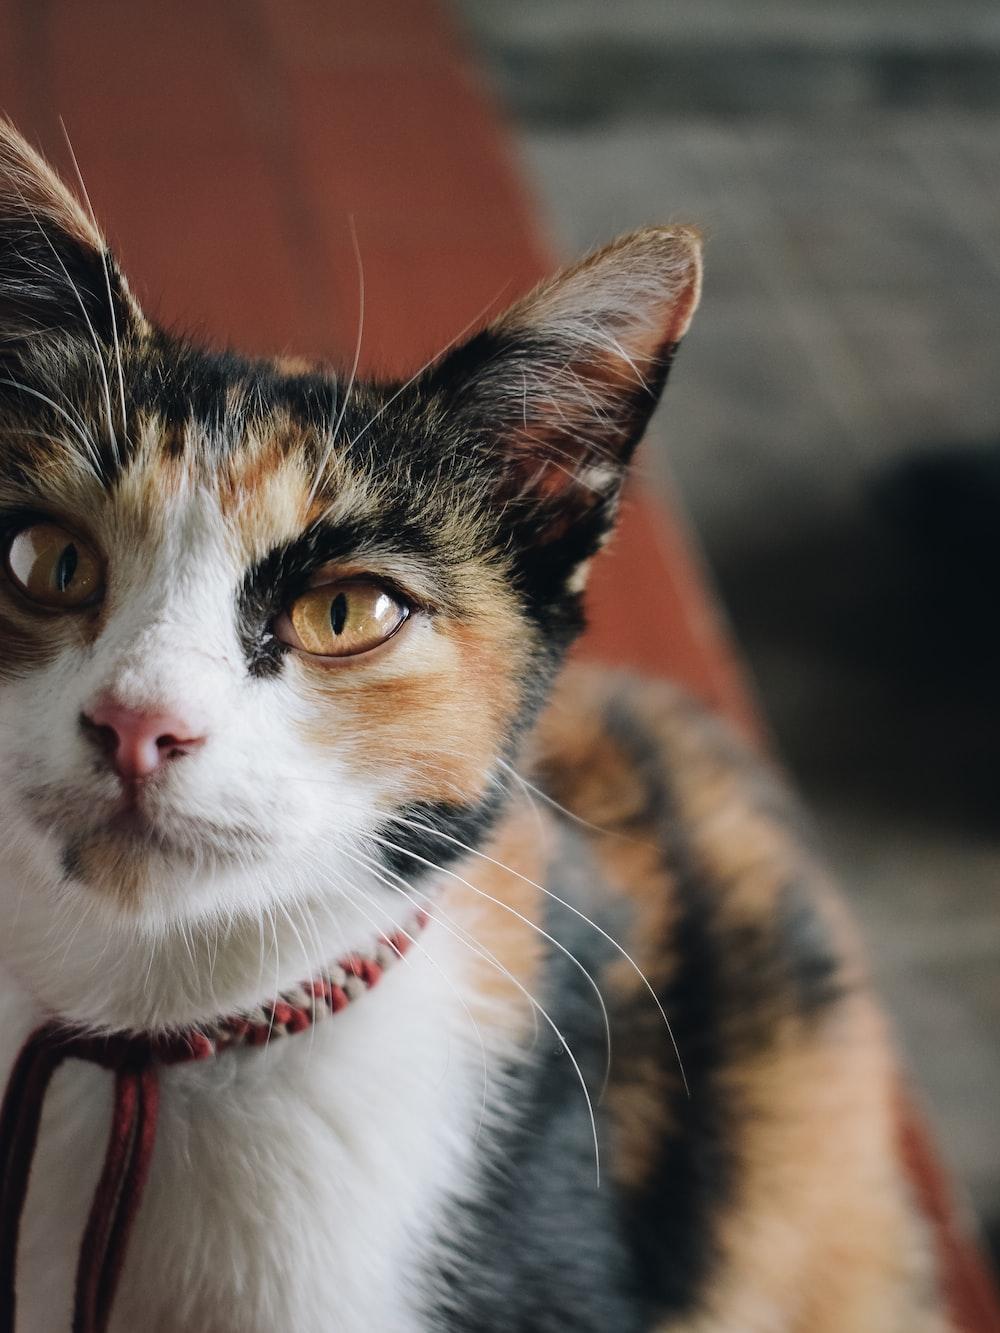 tortoiseshell cat close-up photo